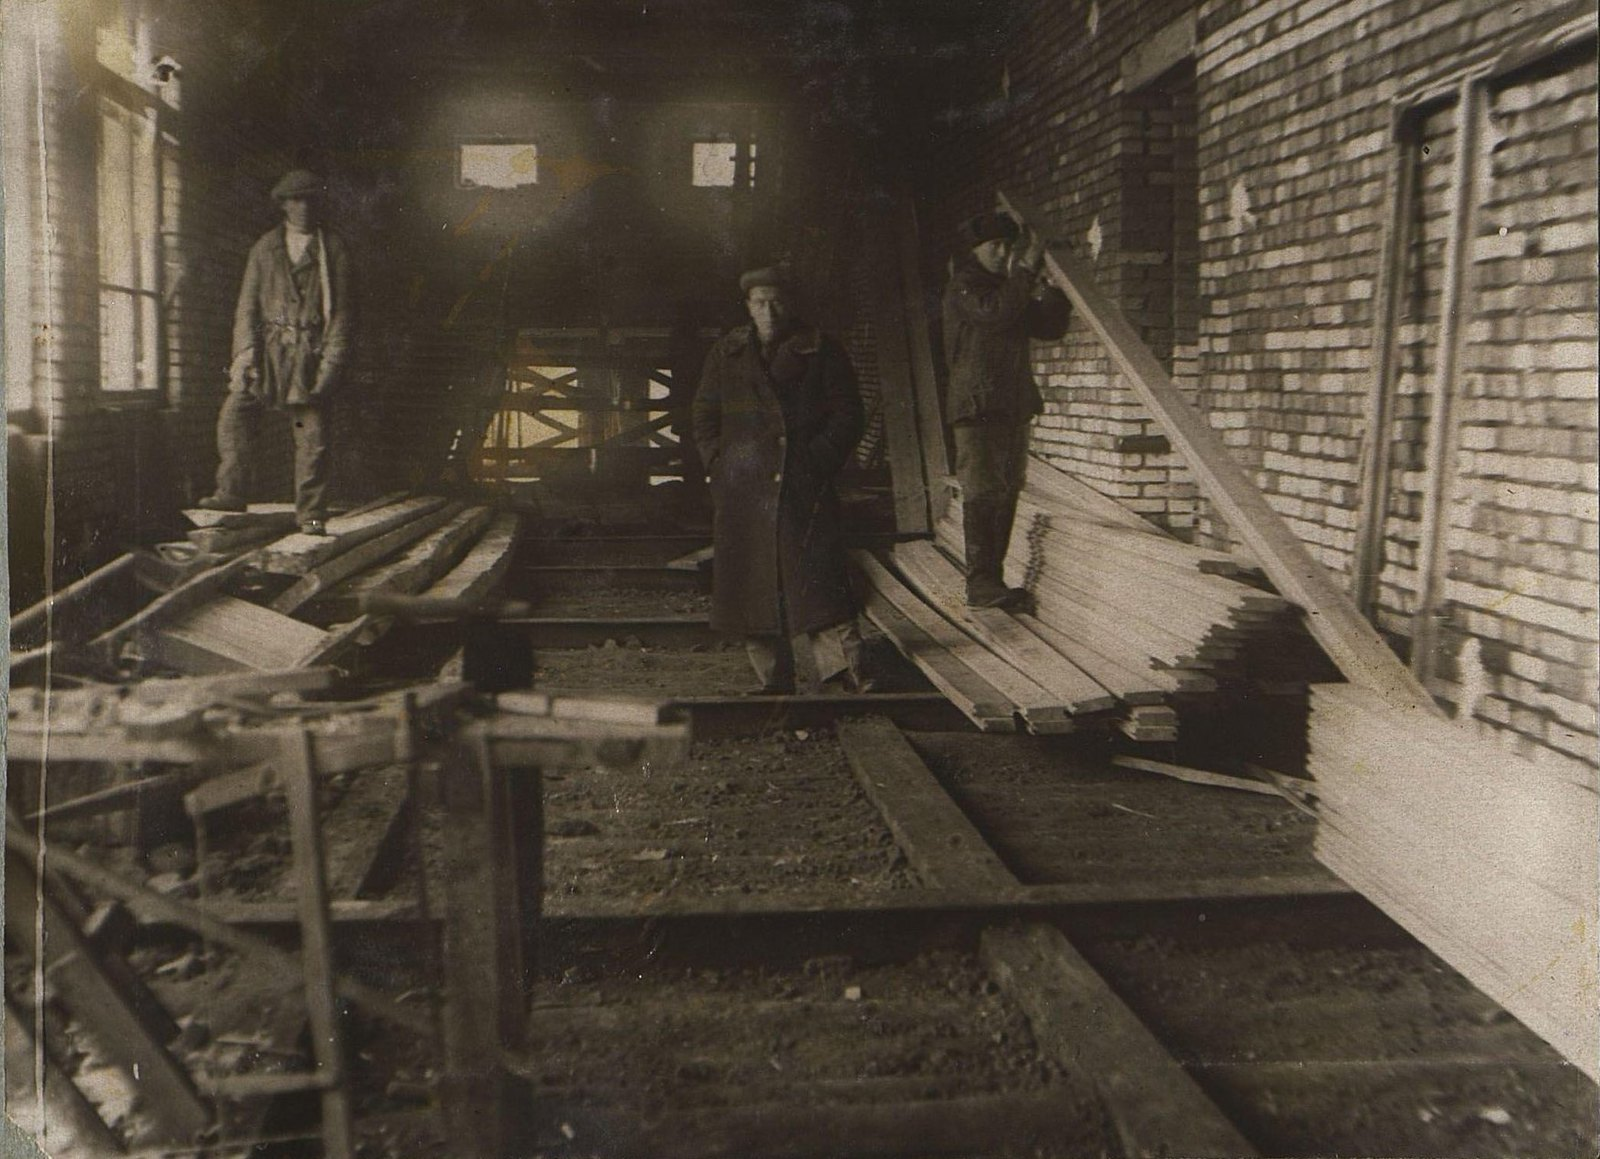 23. 1937. Ушаков И.Е. и другие на строительстве школы на 3-й Лесной улице. Март